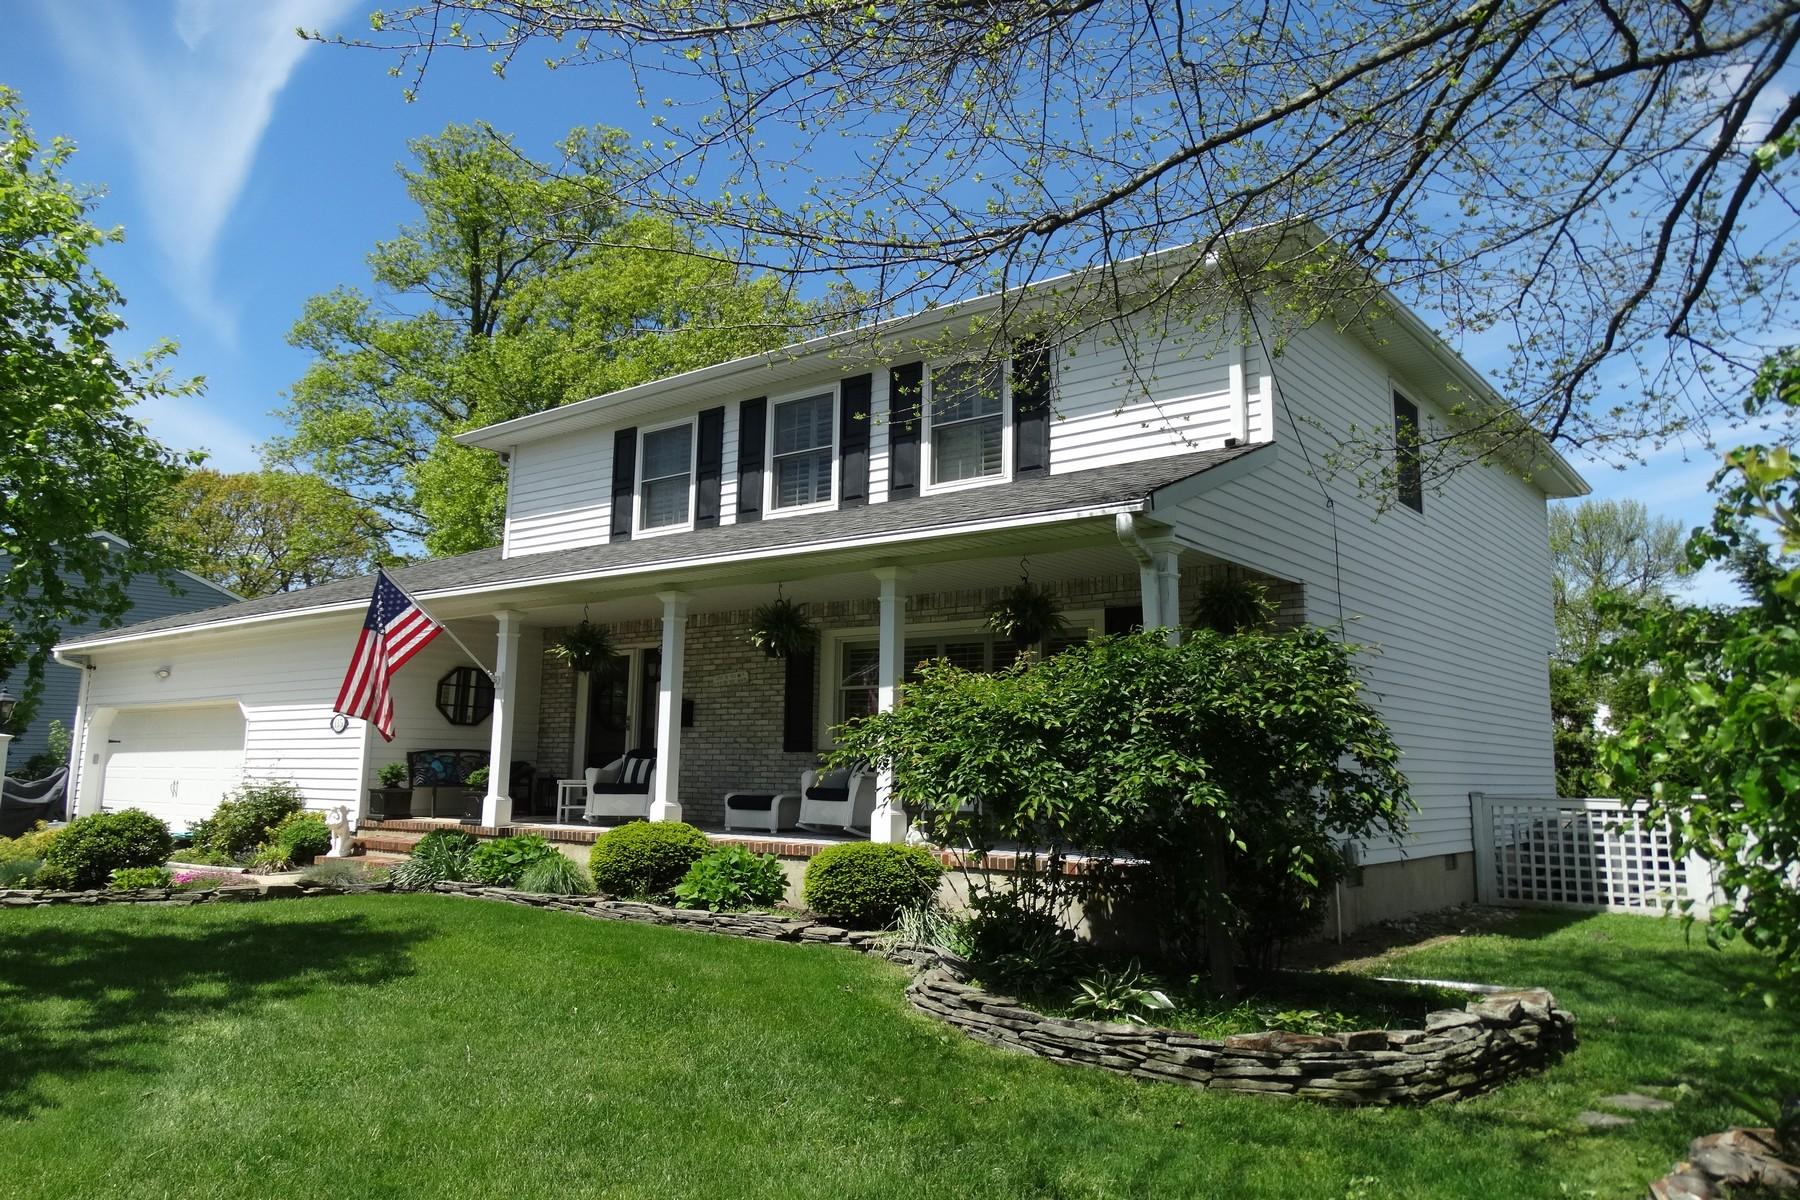 独户住宅 为 销售 在 115 Sagamore Ave. Oceanport, 新泽西州 07757 美国